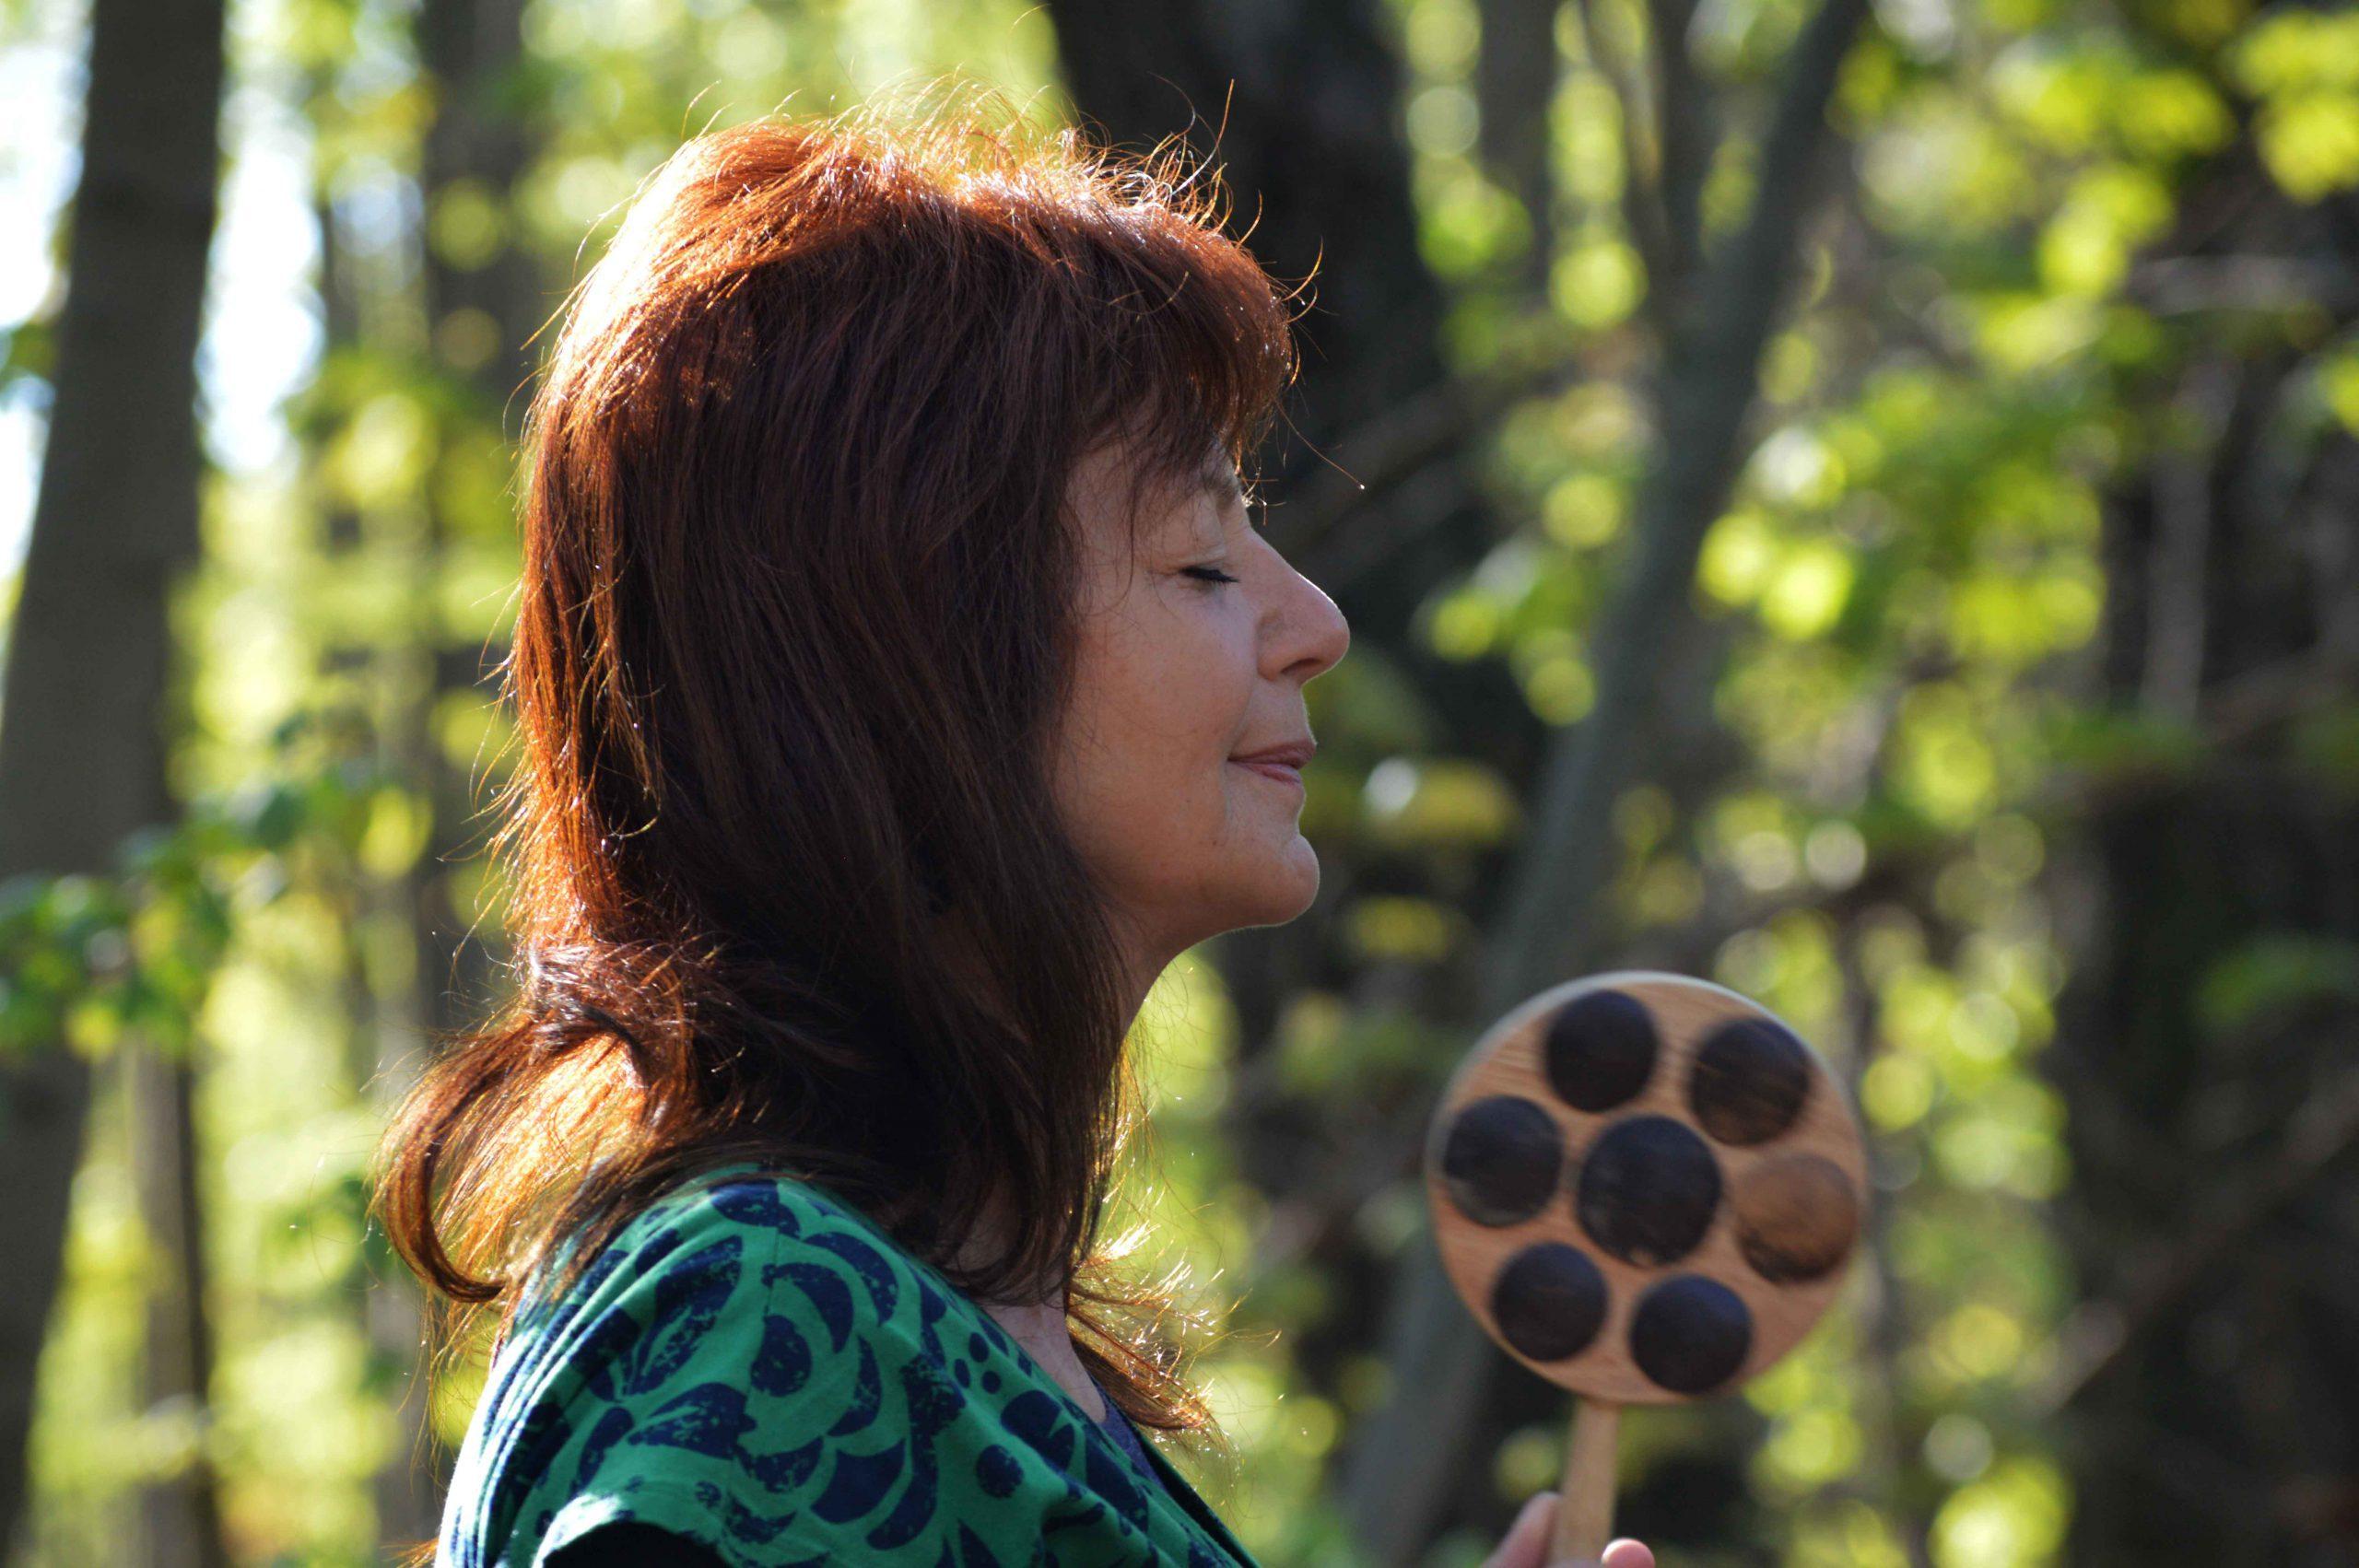 Irene Burian Schamanin in Gotha Thüringen